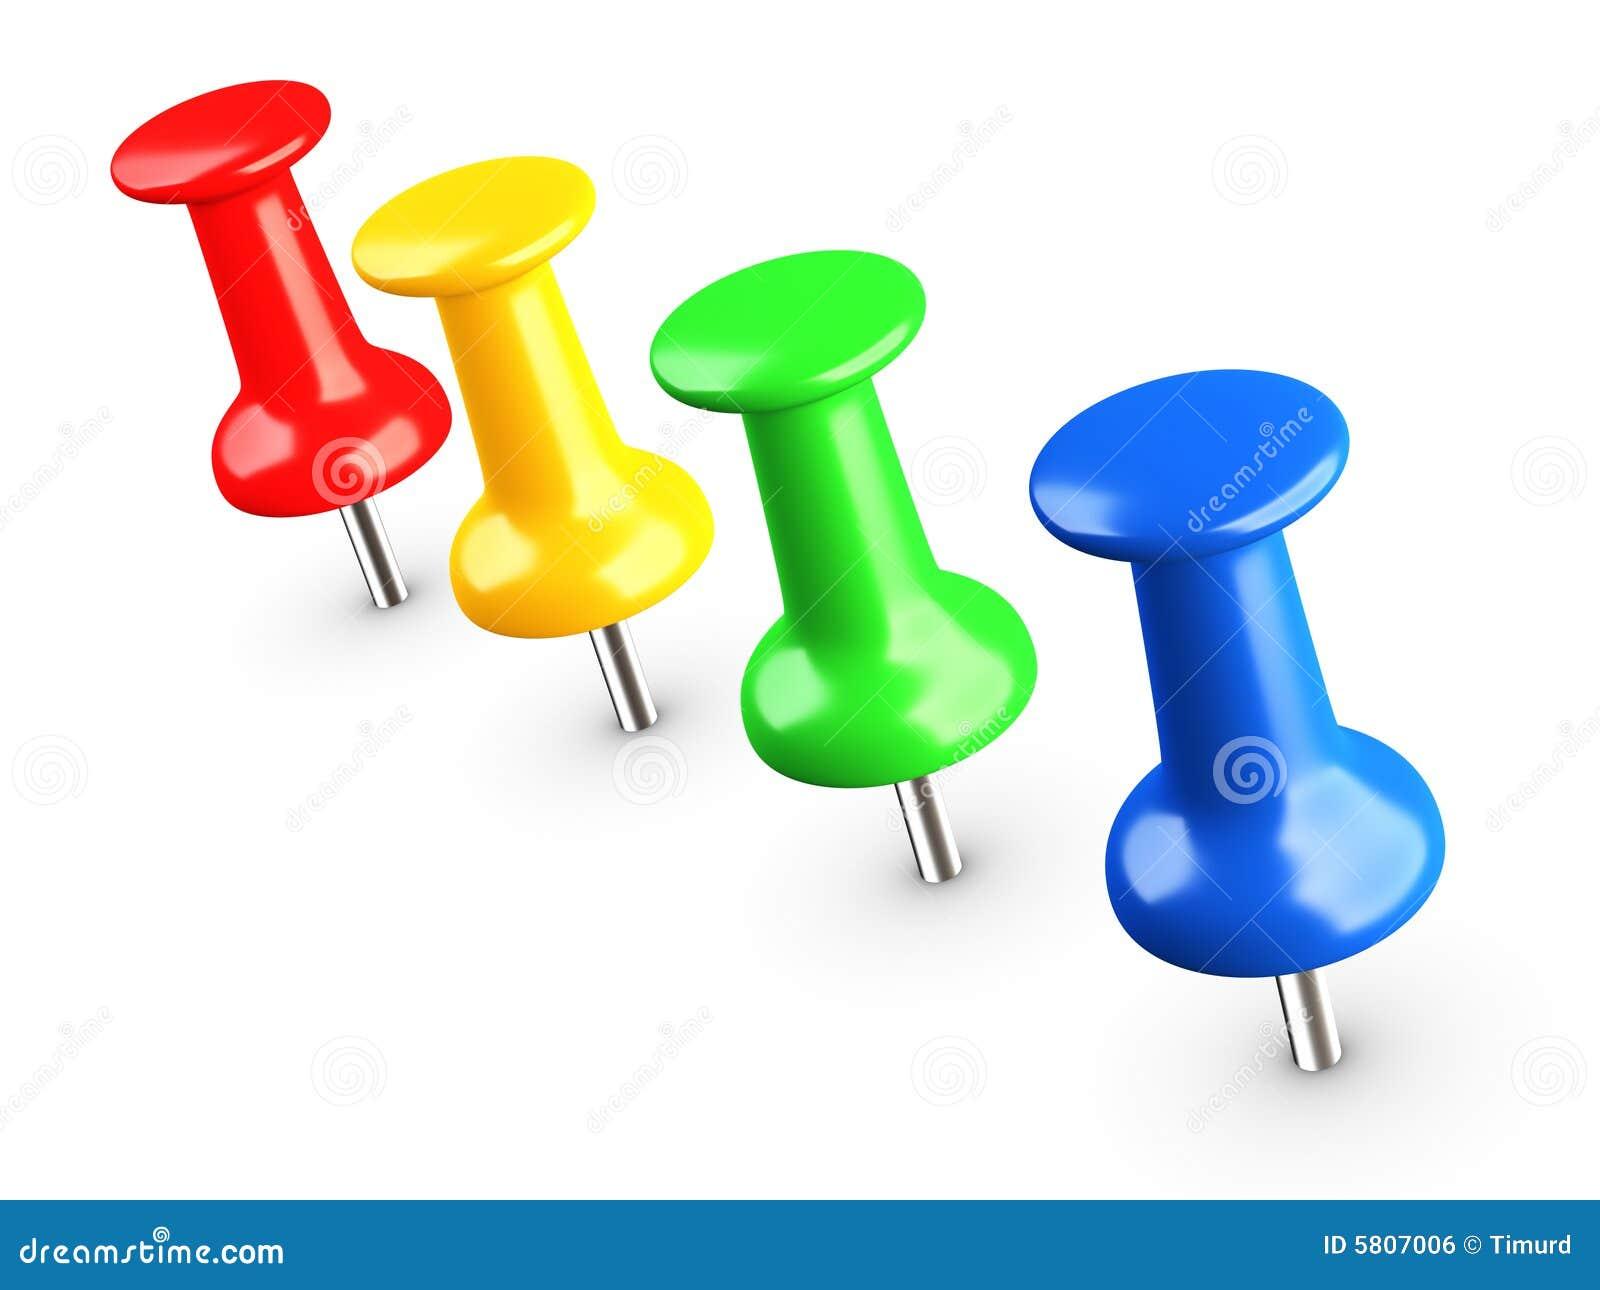 Pin Color Colored Thumbtacks, Pin Royalty Free Stock Im